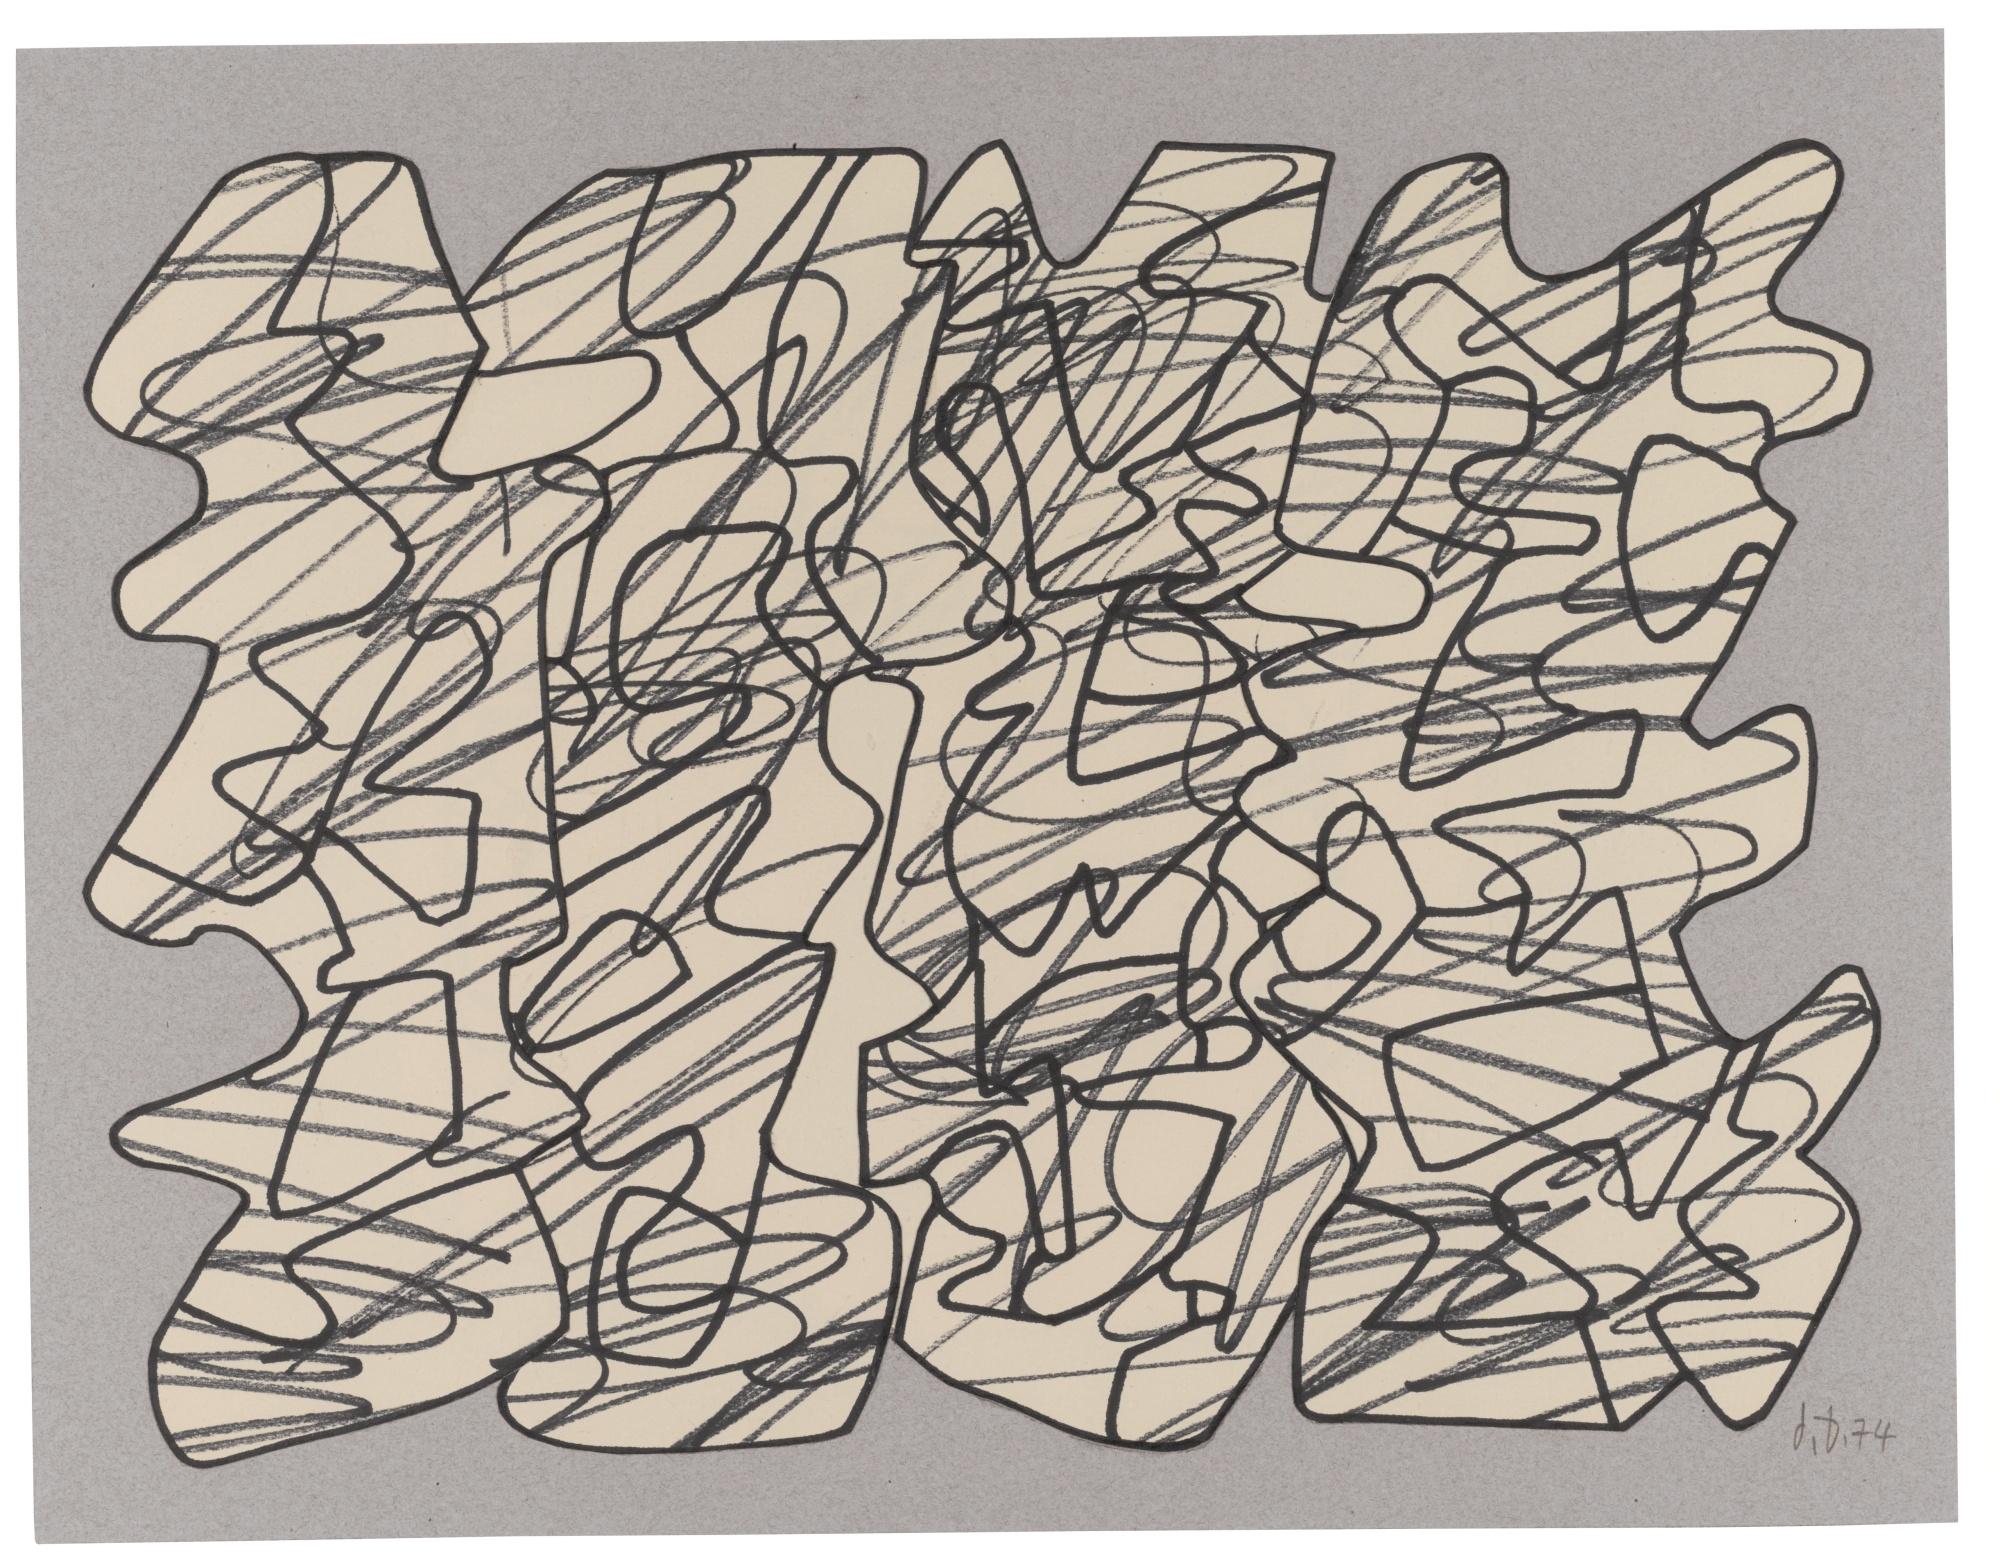 Jean Dubuffet-Recit XVIII-1974